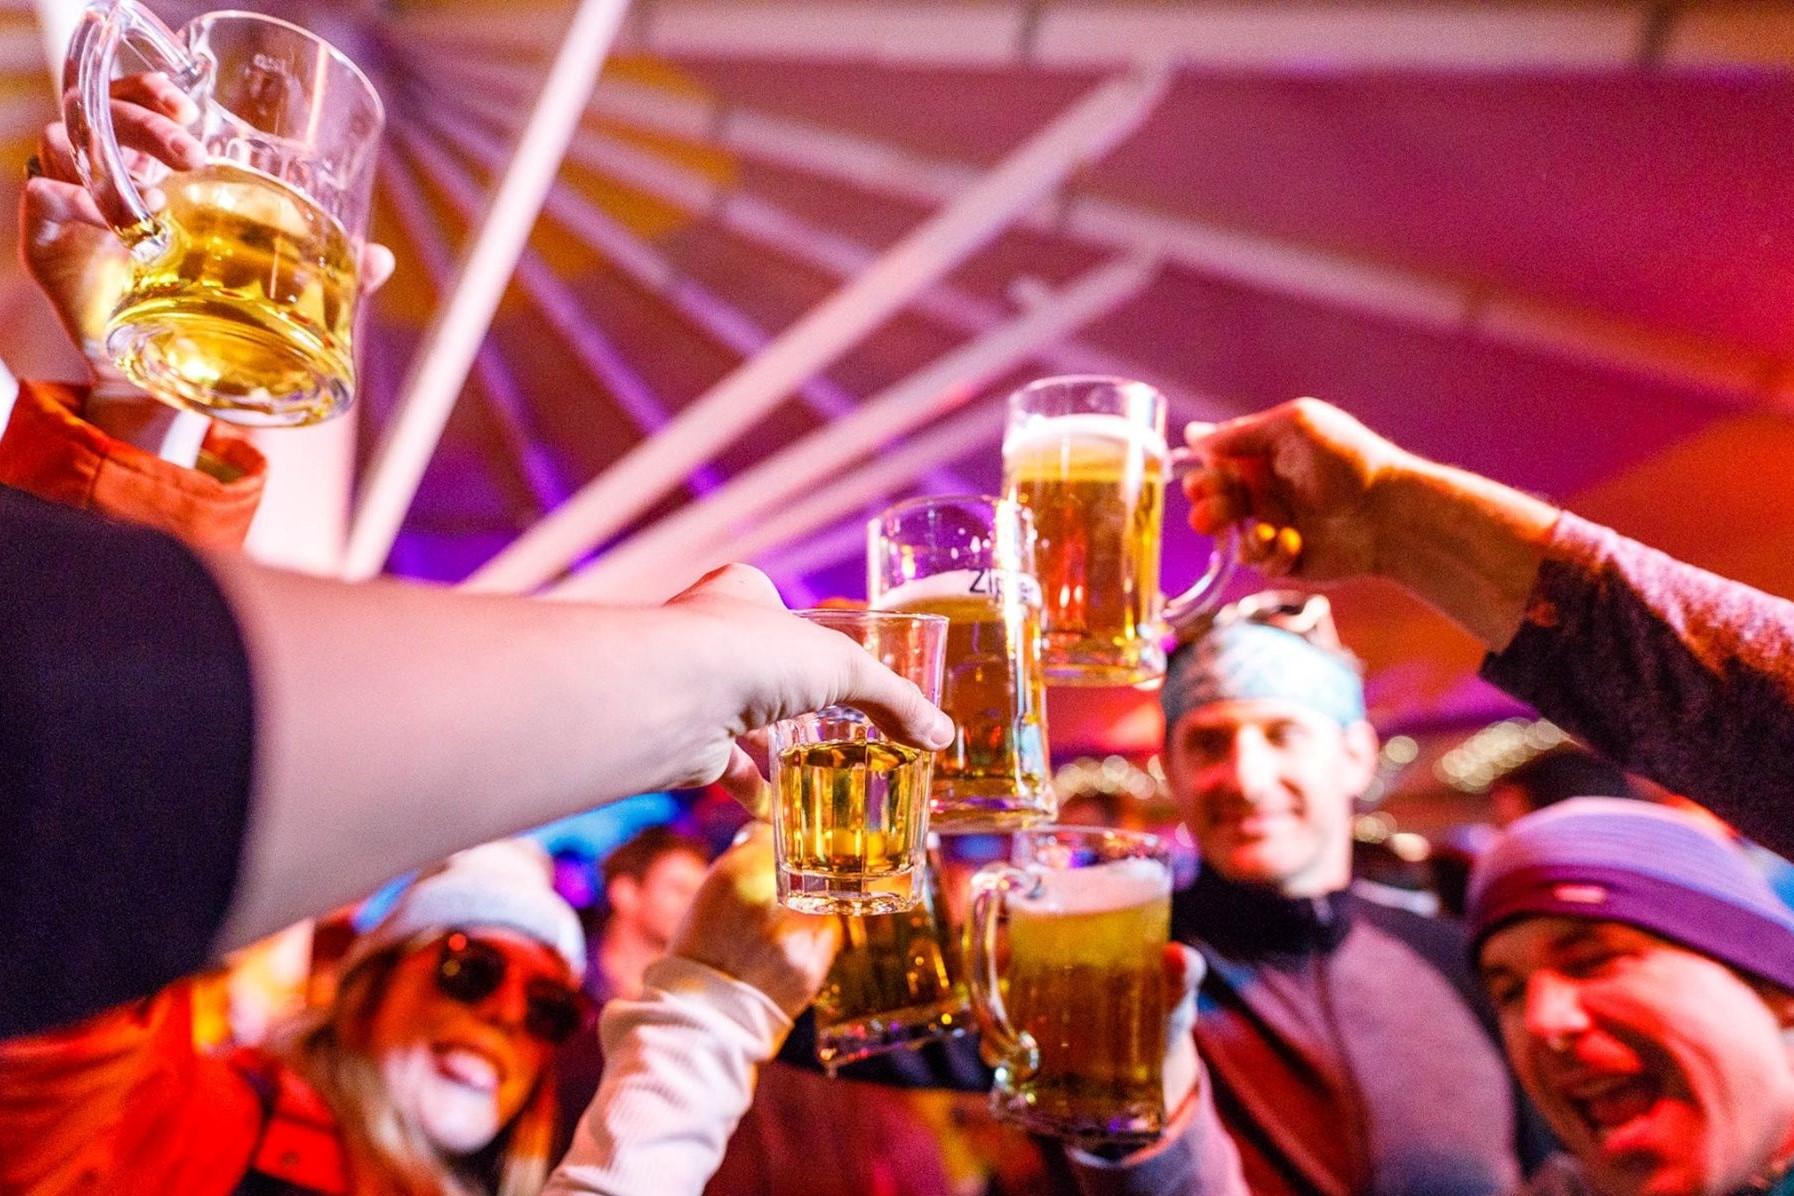 ALL-IN DRANKFORMULE #bier en frisdranken à volonté in de Sneeuwstorm club